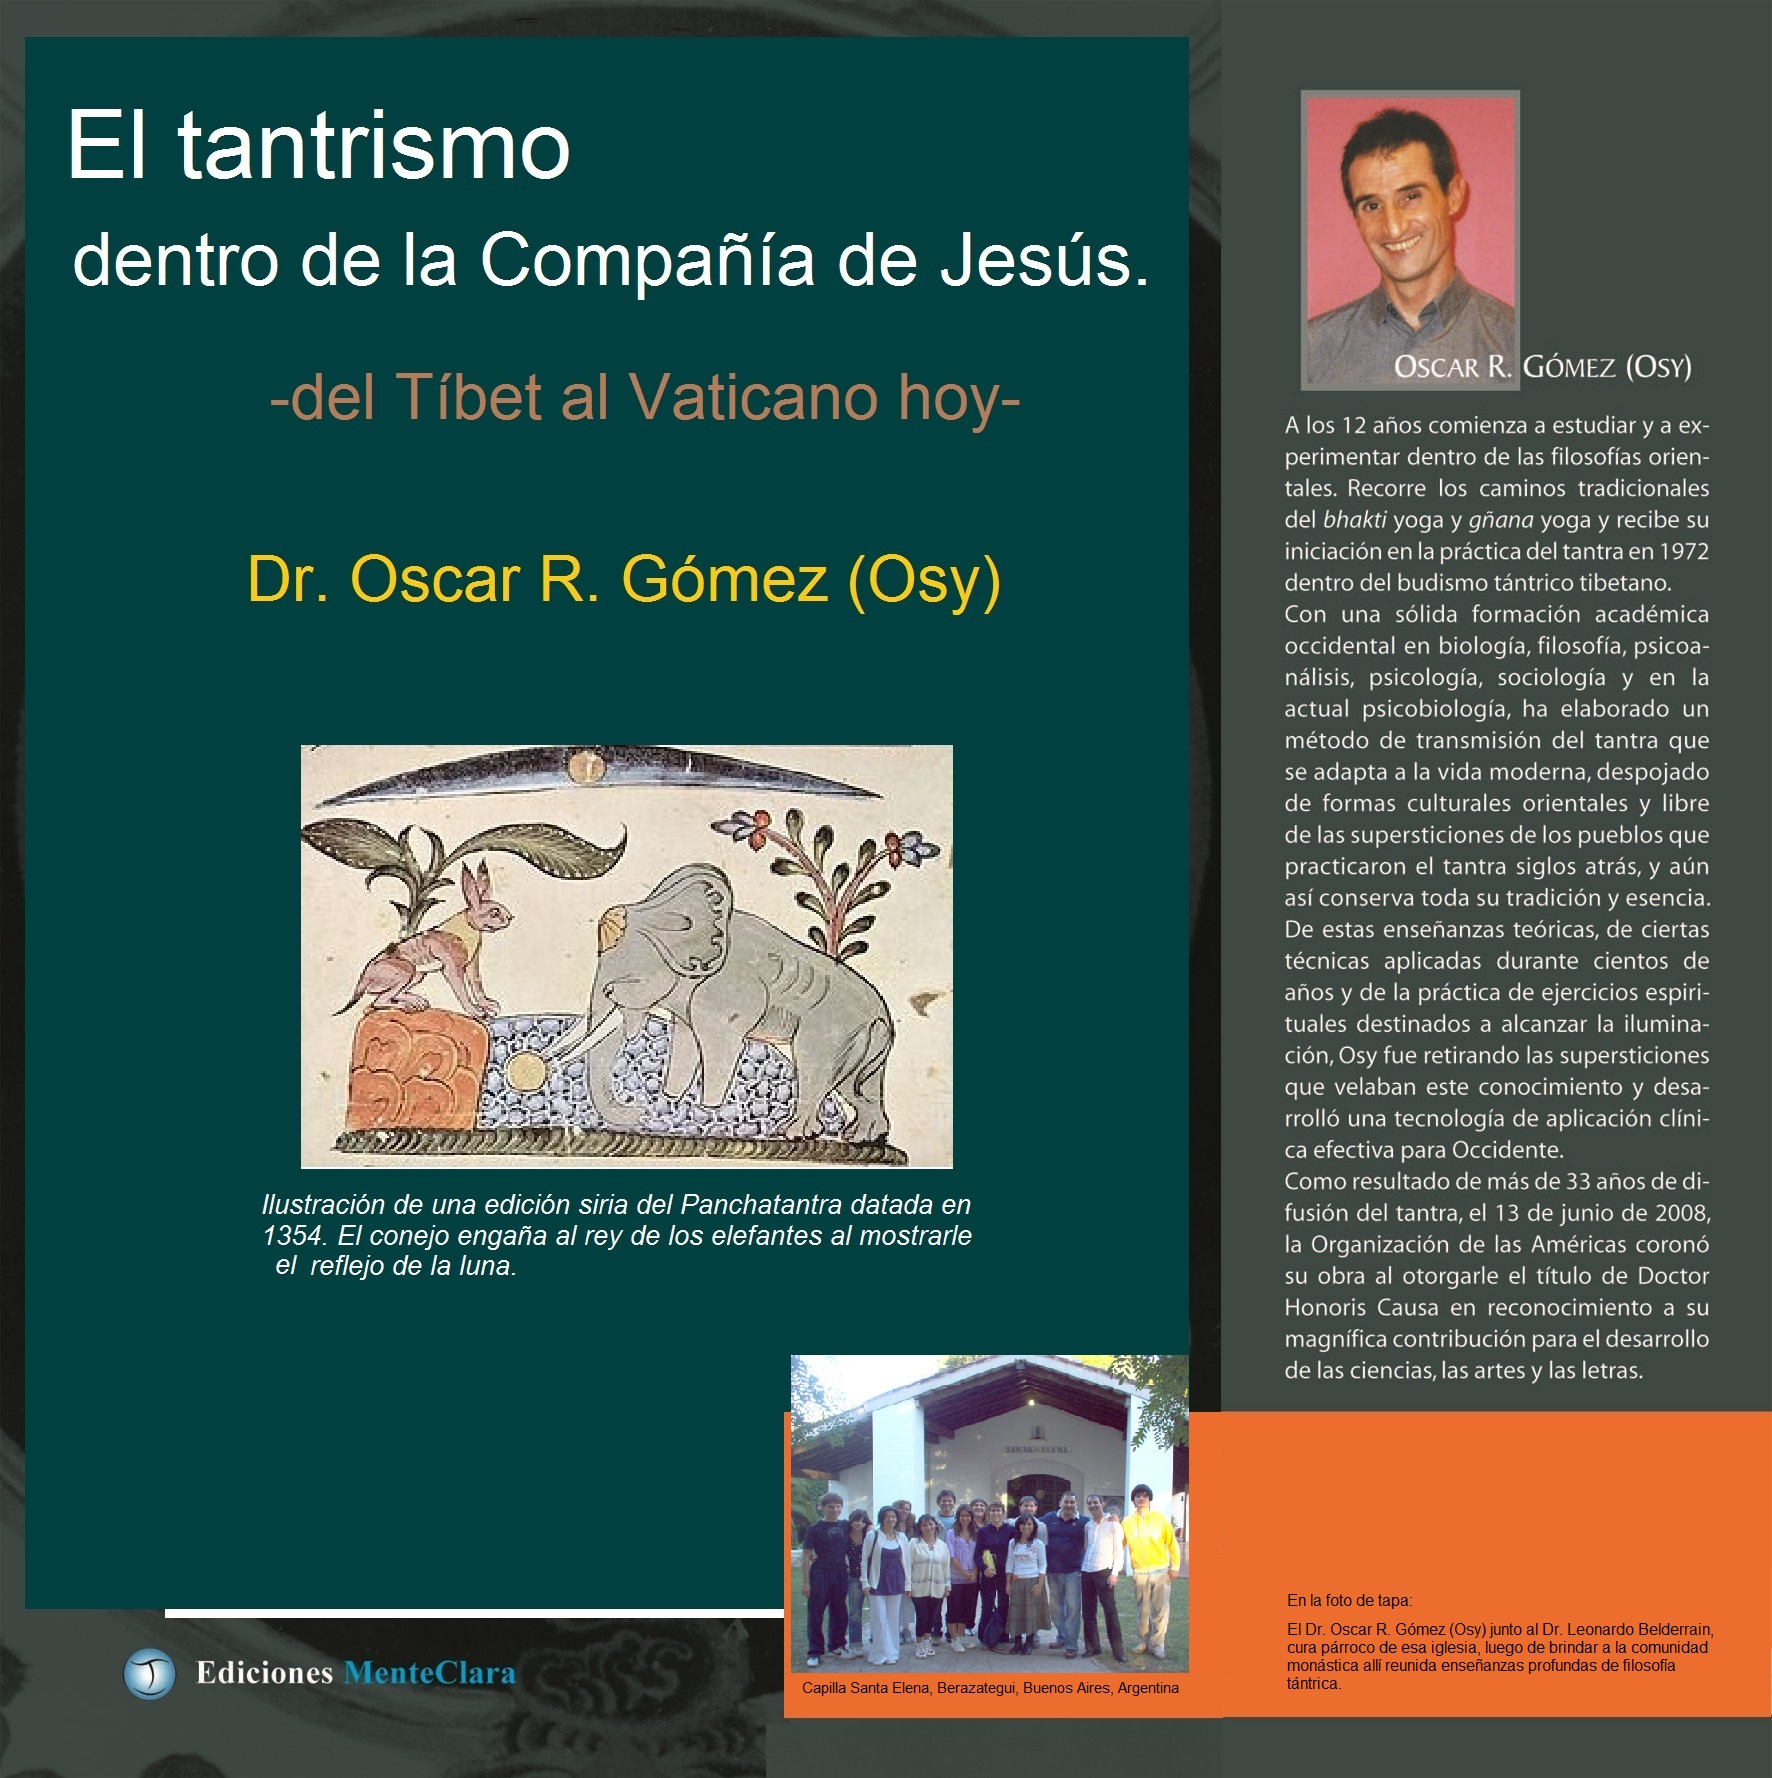 El tantrismo dentro de la Compañia de Jesus. ISBN 978-987-24510-3-5